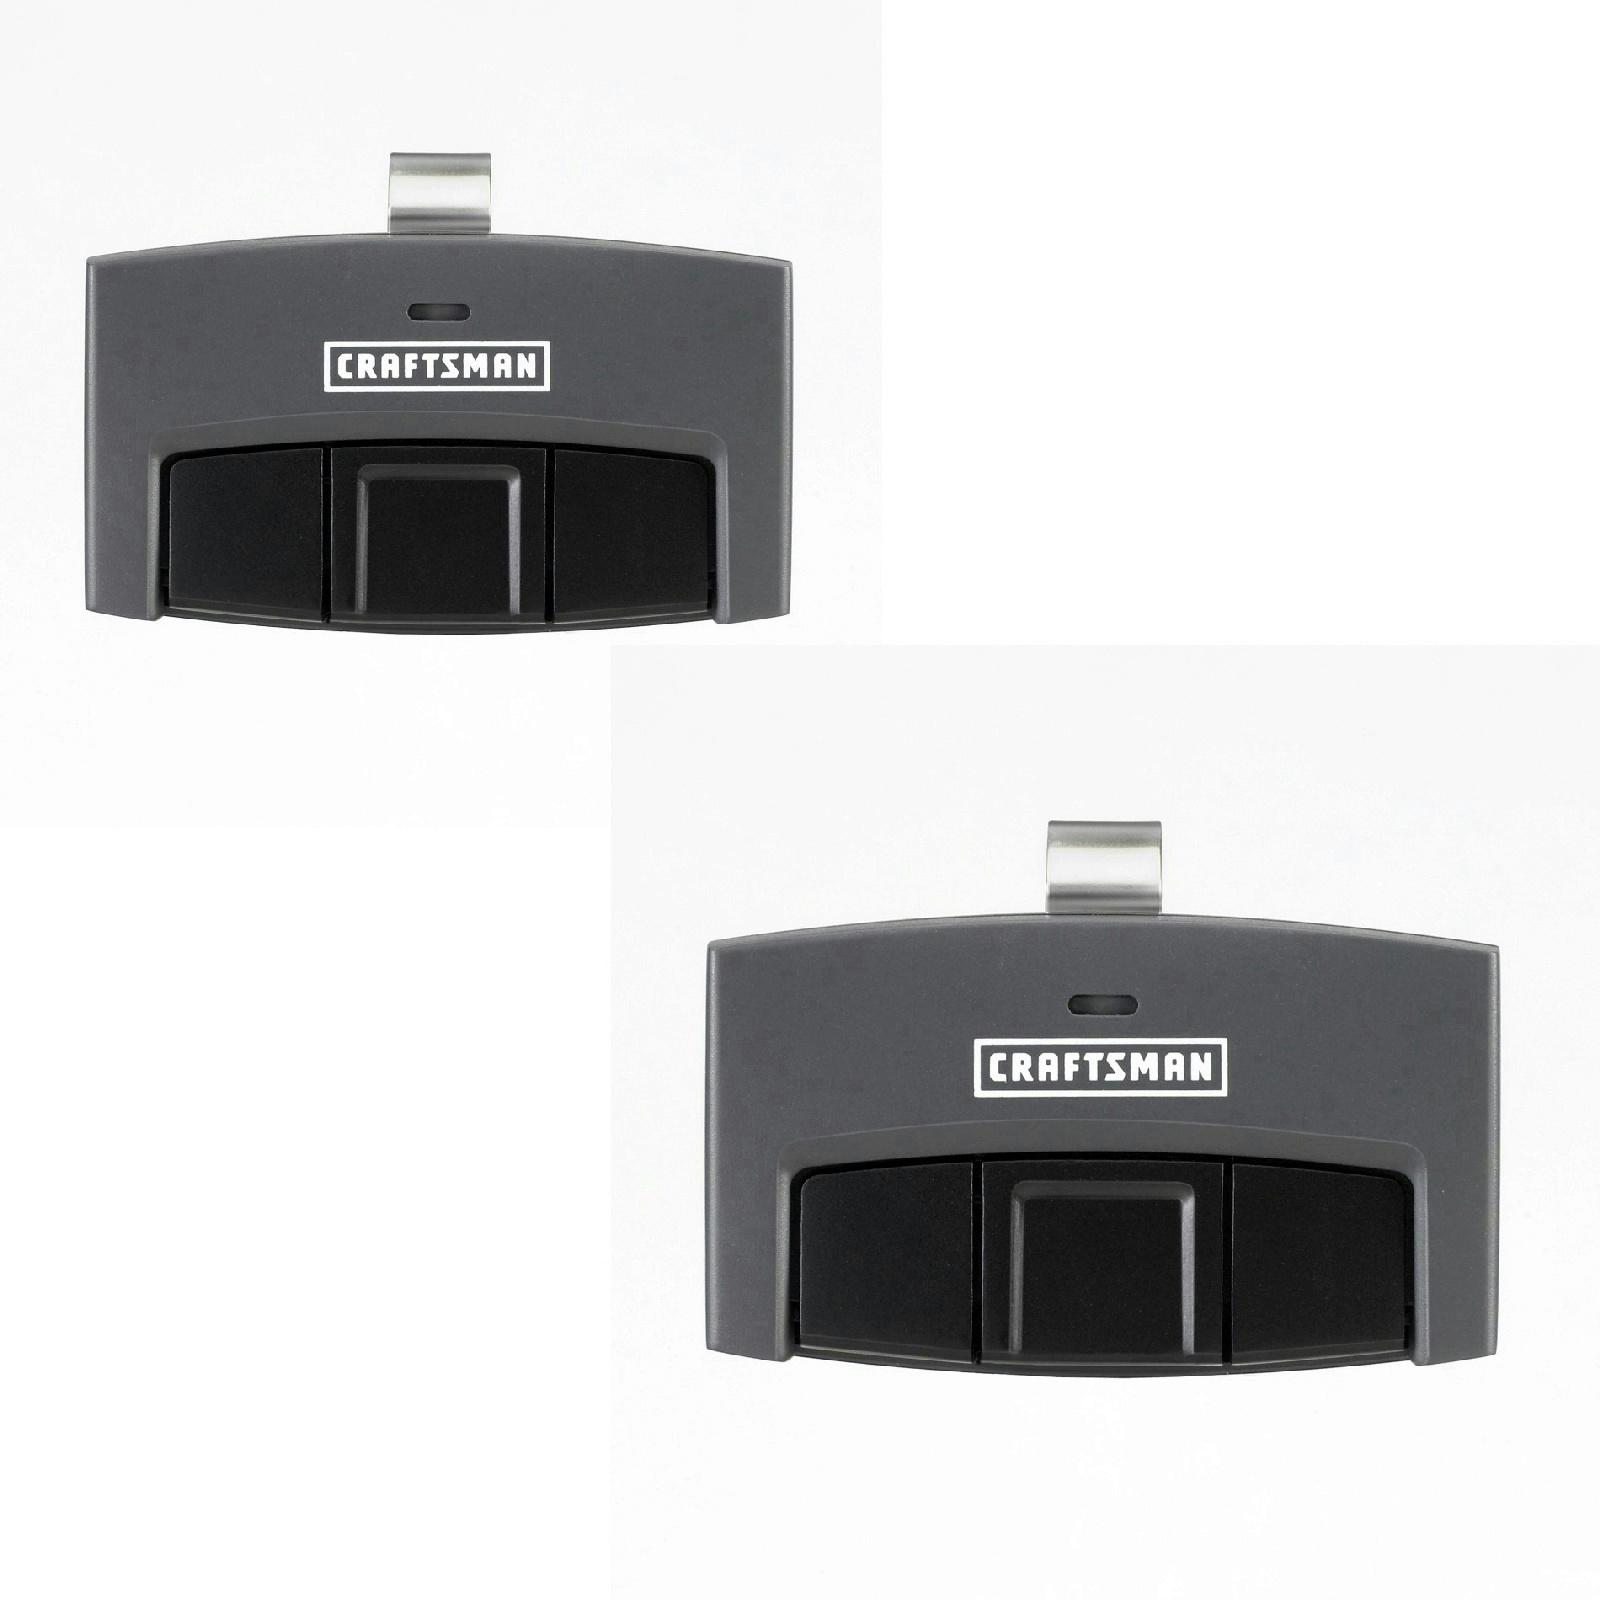 Craftsman 1/2 HP Chain Drive Garage Door Opener With